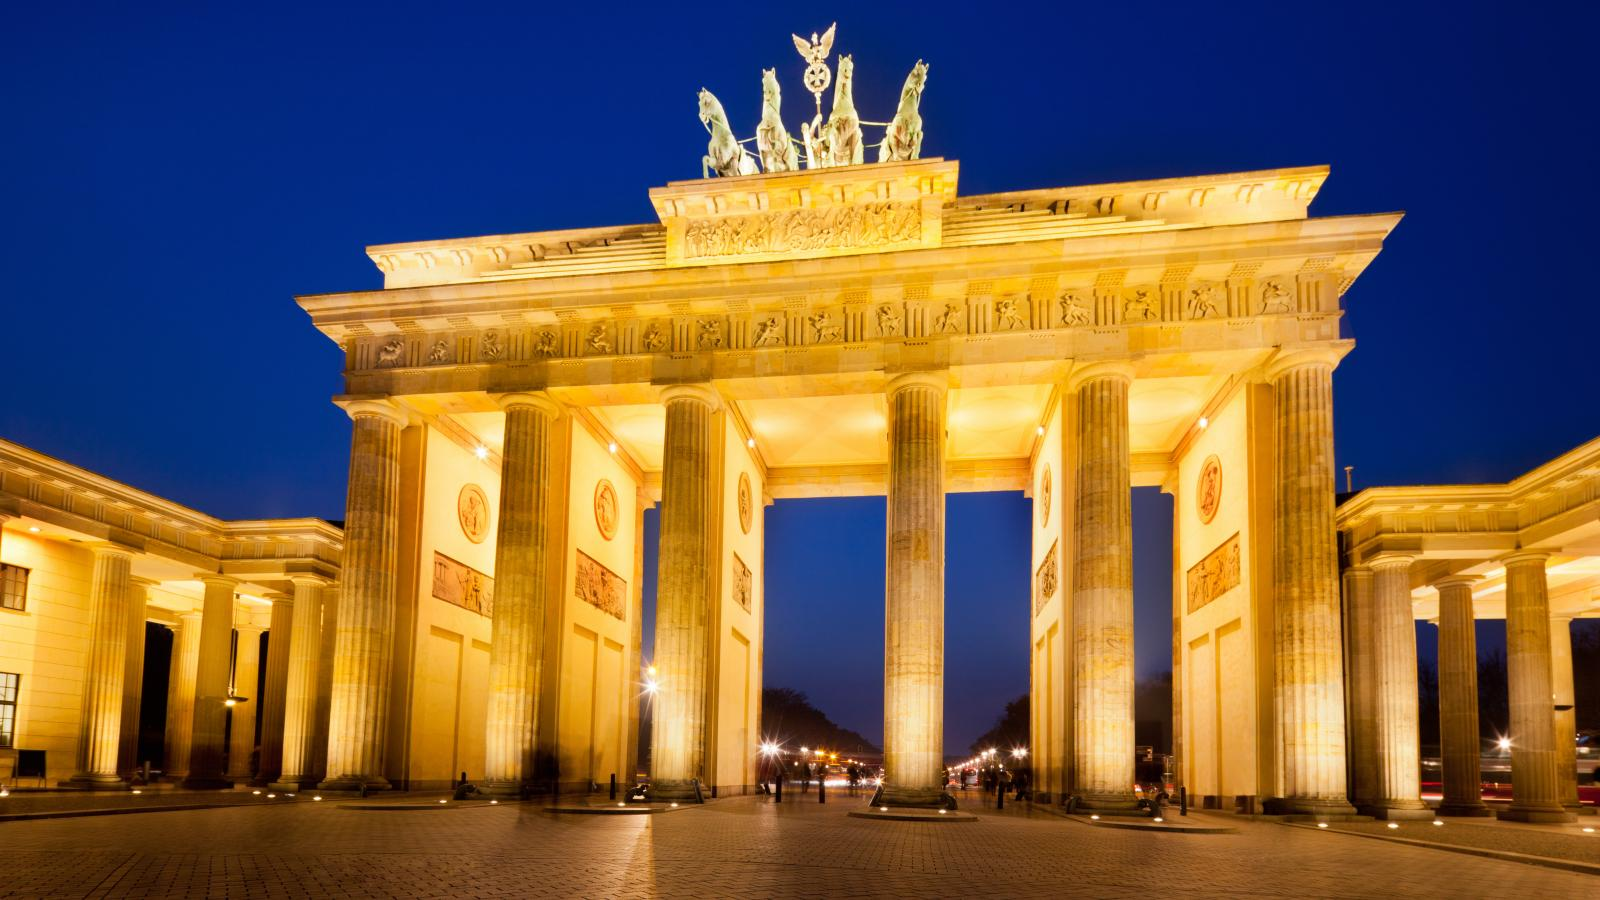 Das Brandenburger Tor Berlin Citytourcard Mit Bvg Ticket